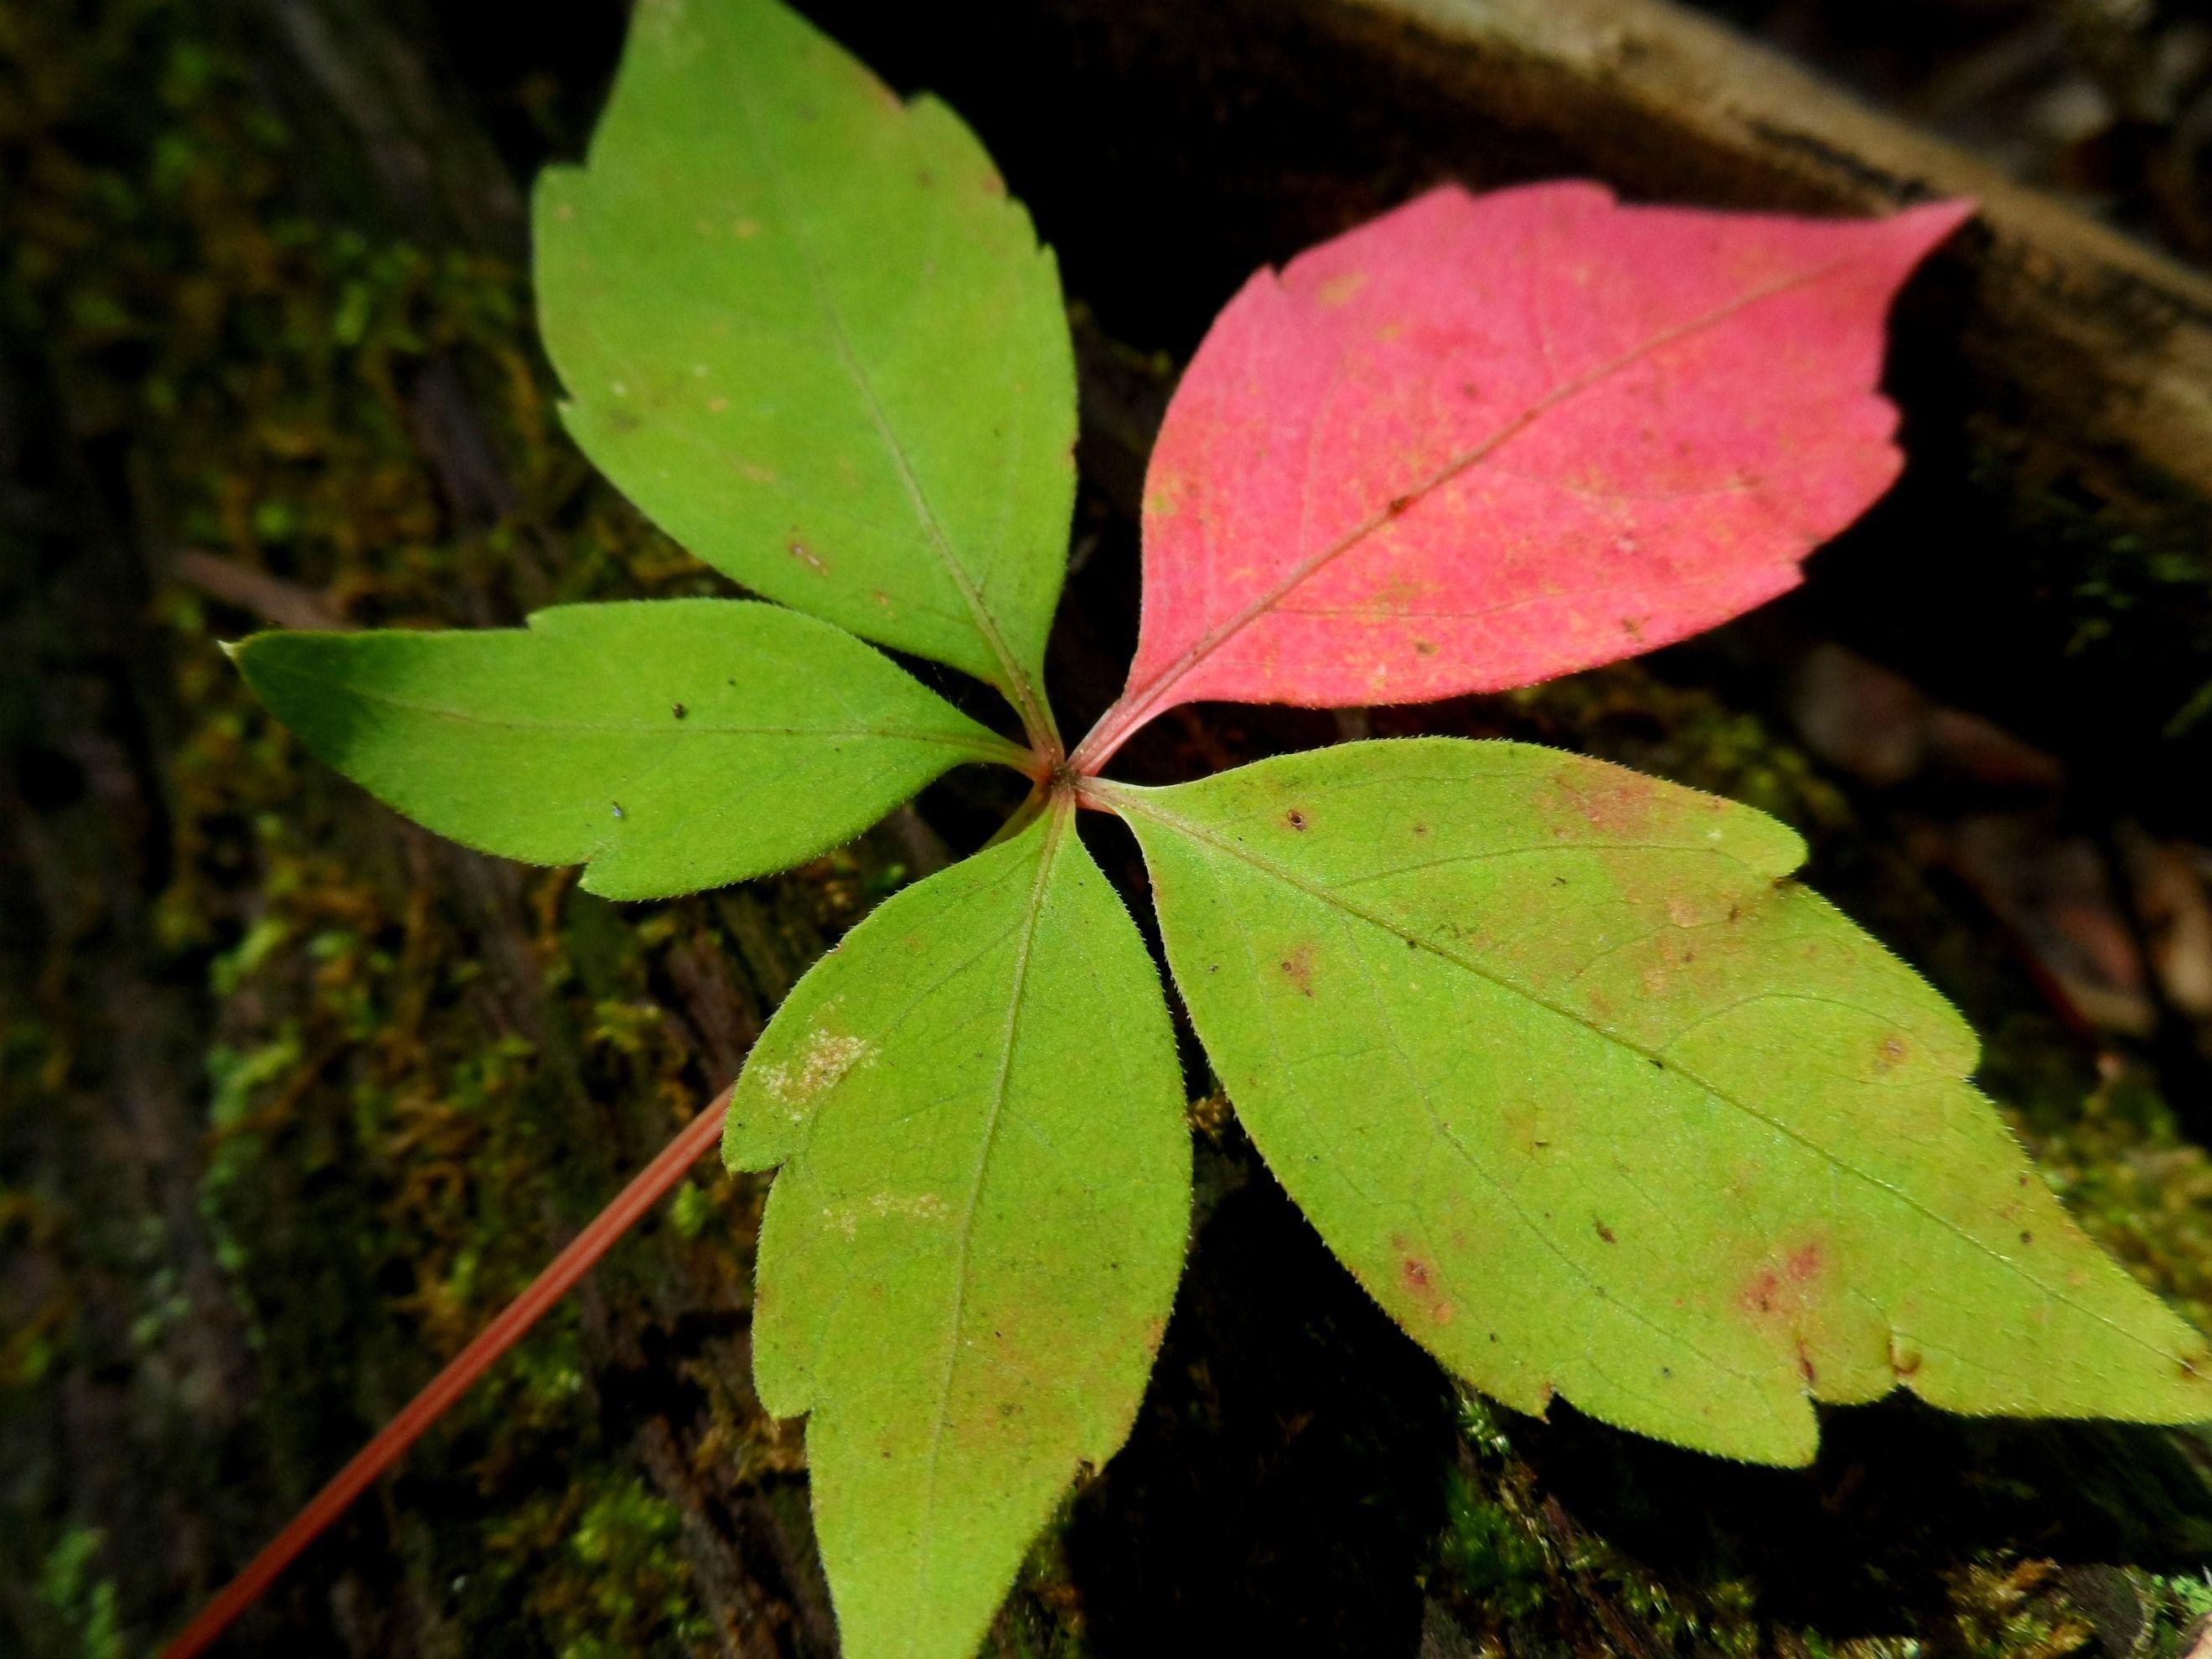 One pink leaf.